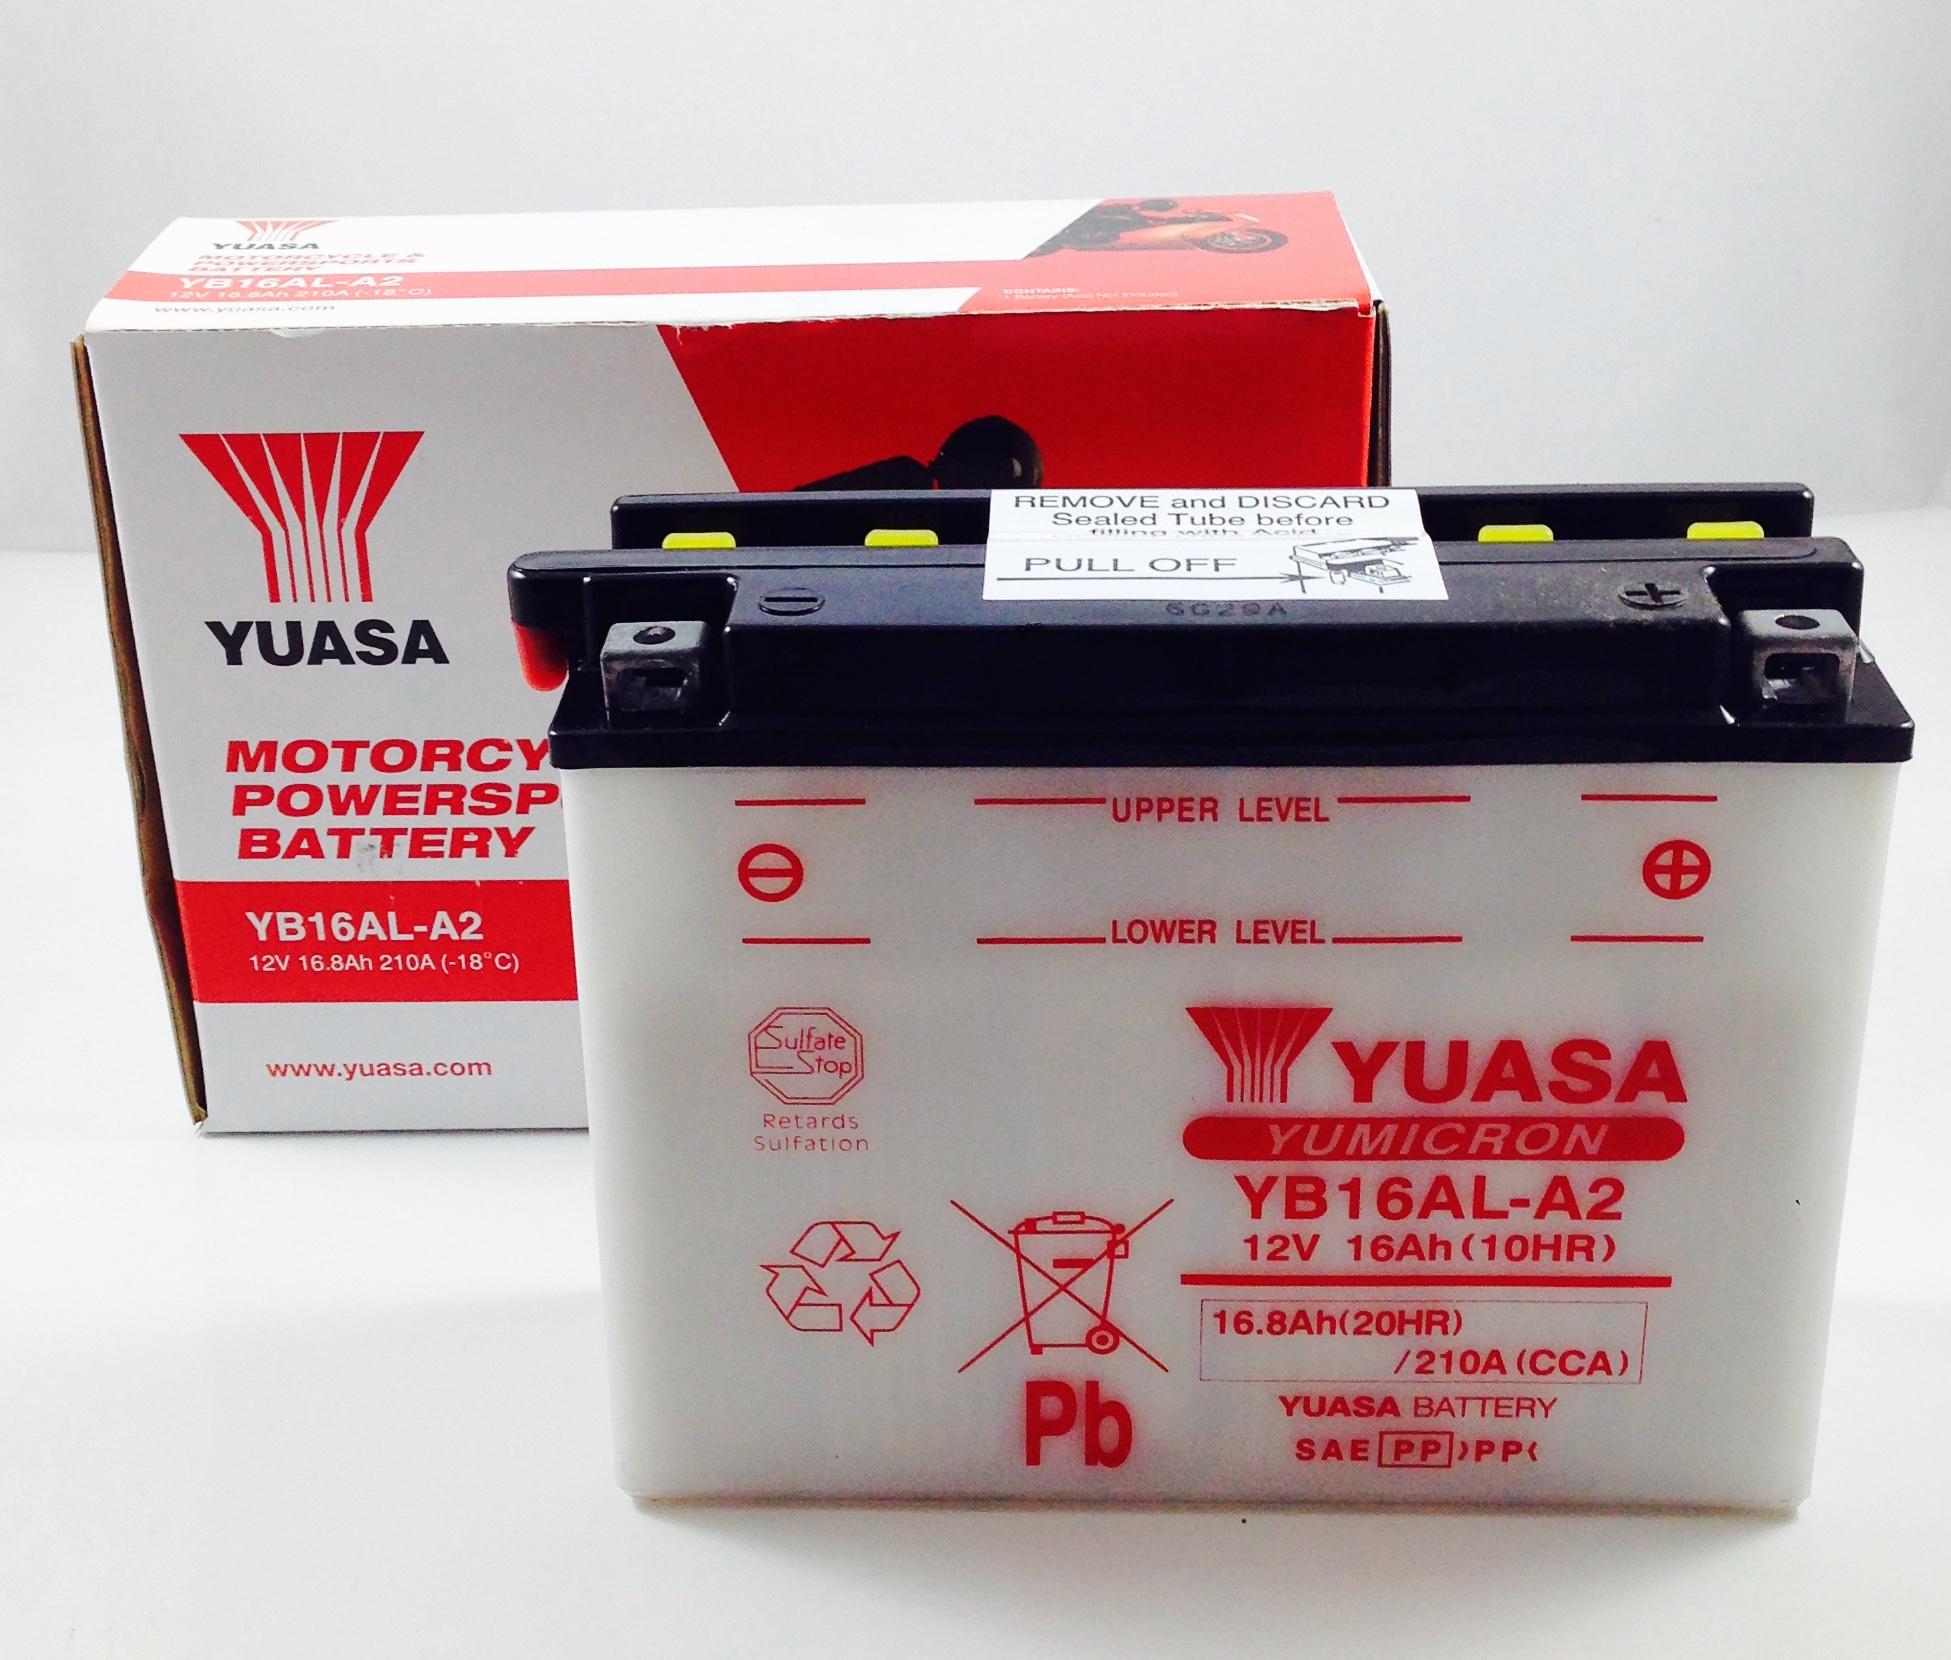 BATTERIA MOTO-SCOOTER YUASA 12V 16AH YB16AL-A2